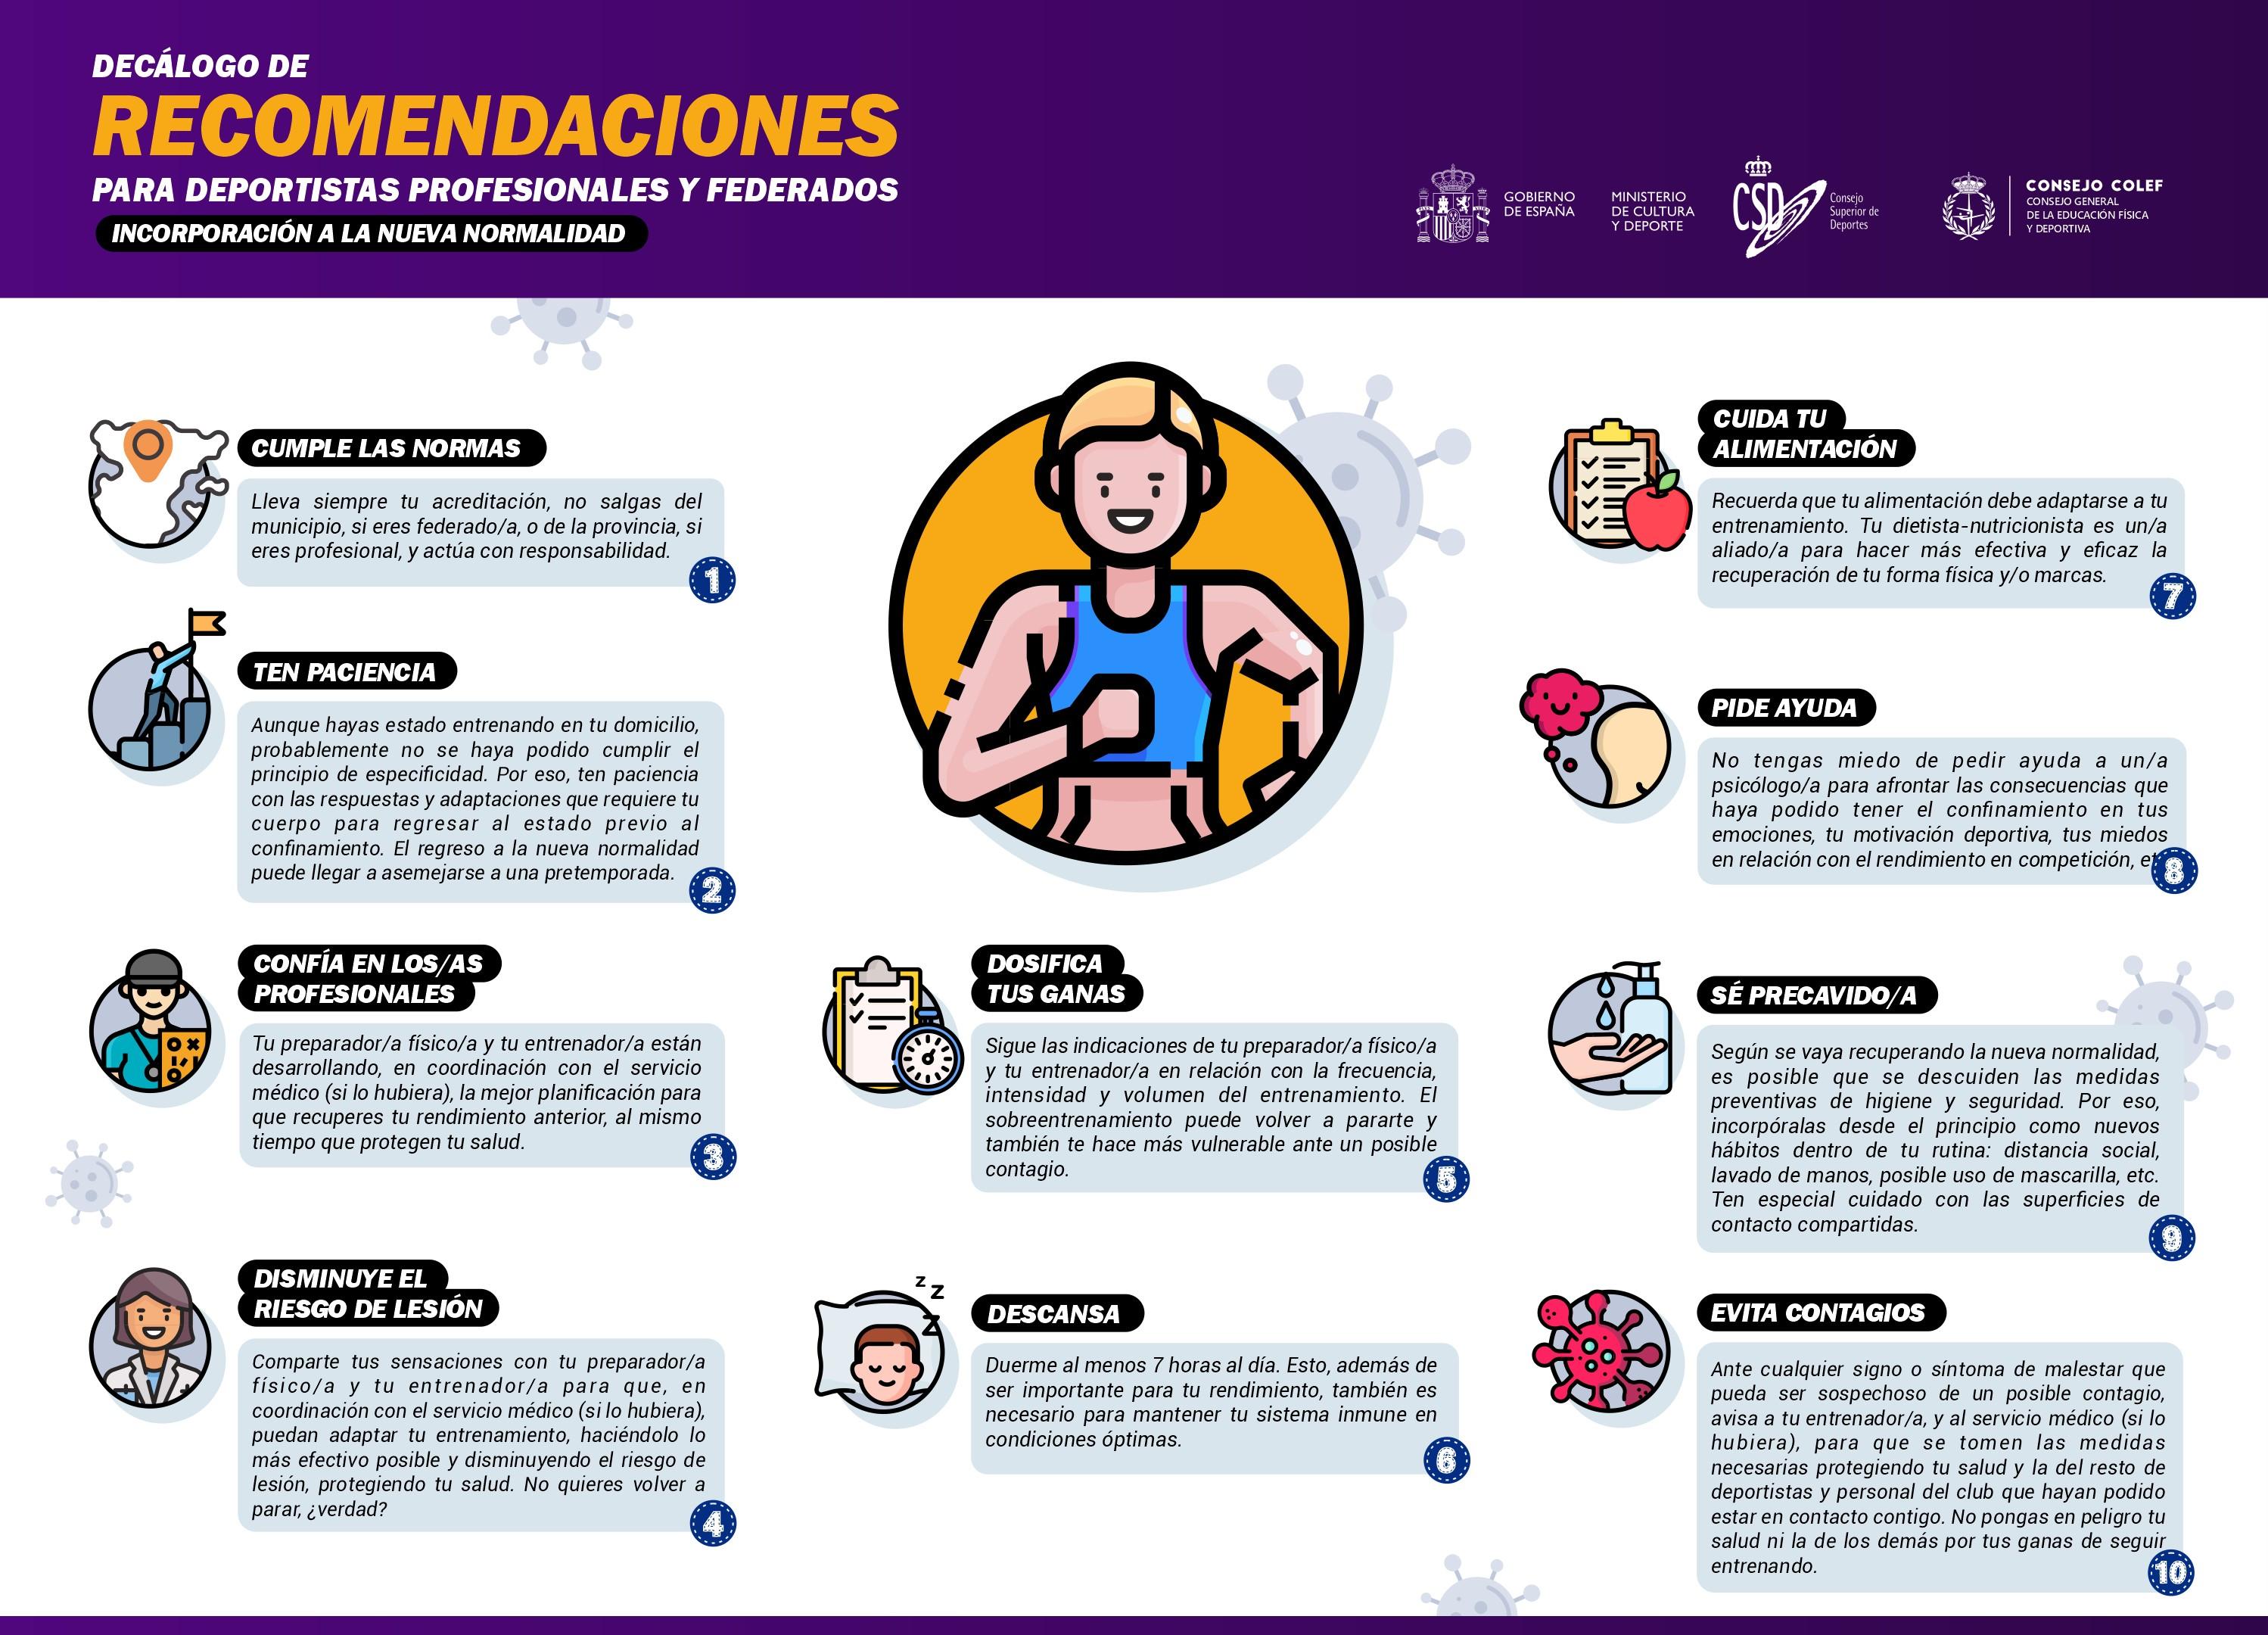 Decálogo de recomendaciones para deportistas profesionales y federados